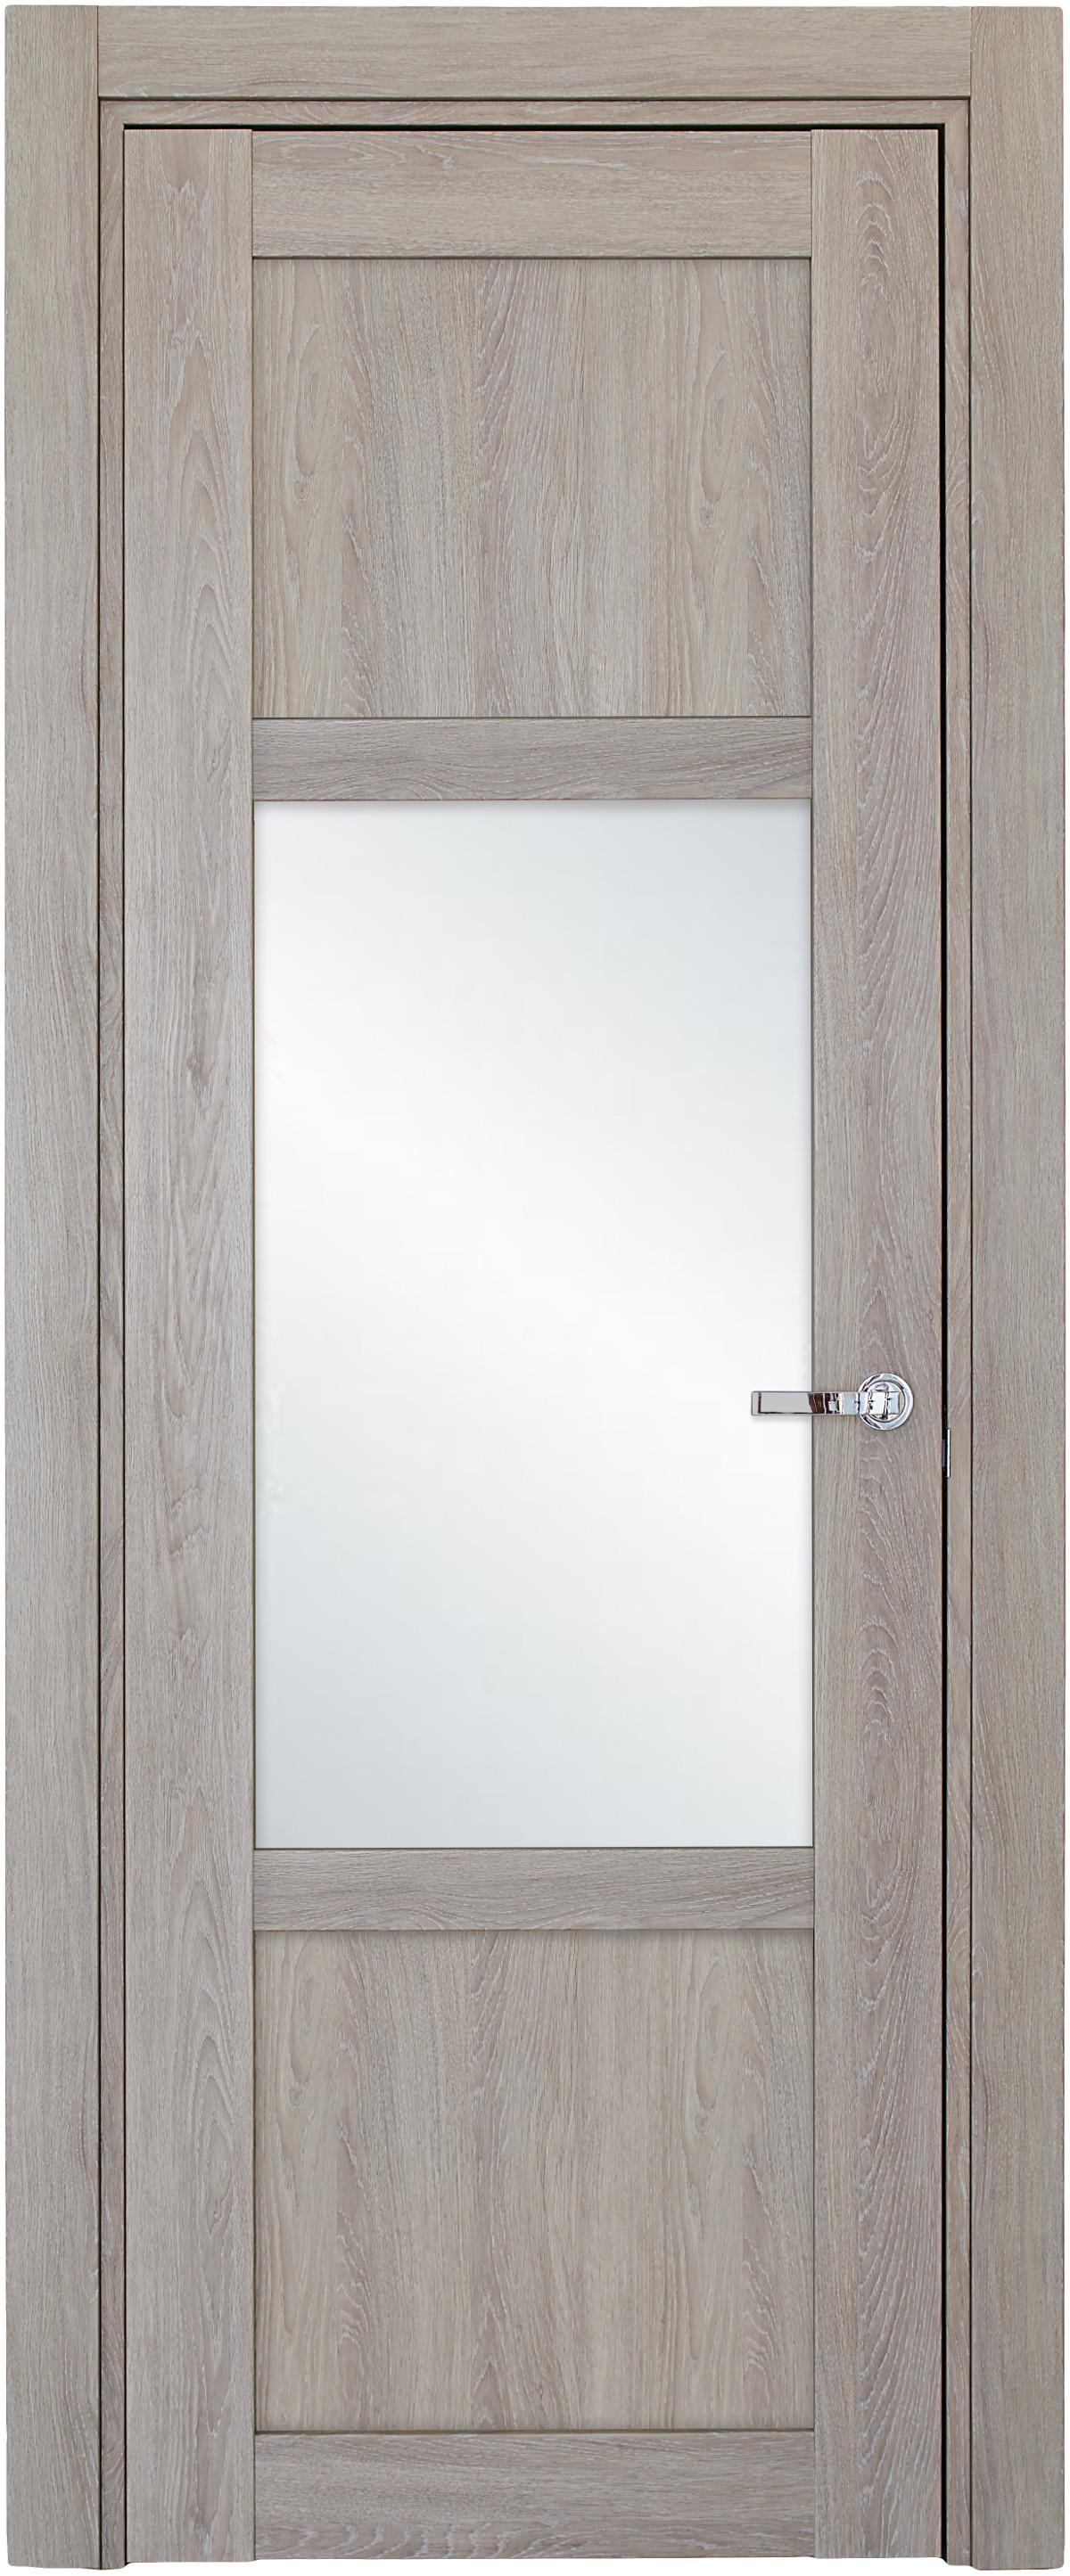 Межкомнатная / входная дверь, отделка: экошпон ДУБ DECAPE, Solo 2BSnP-1